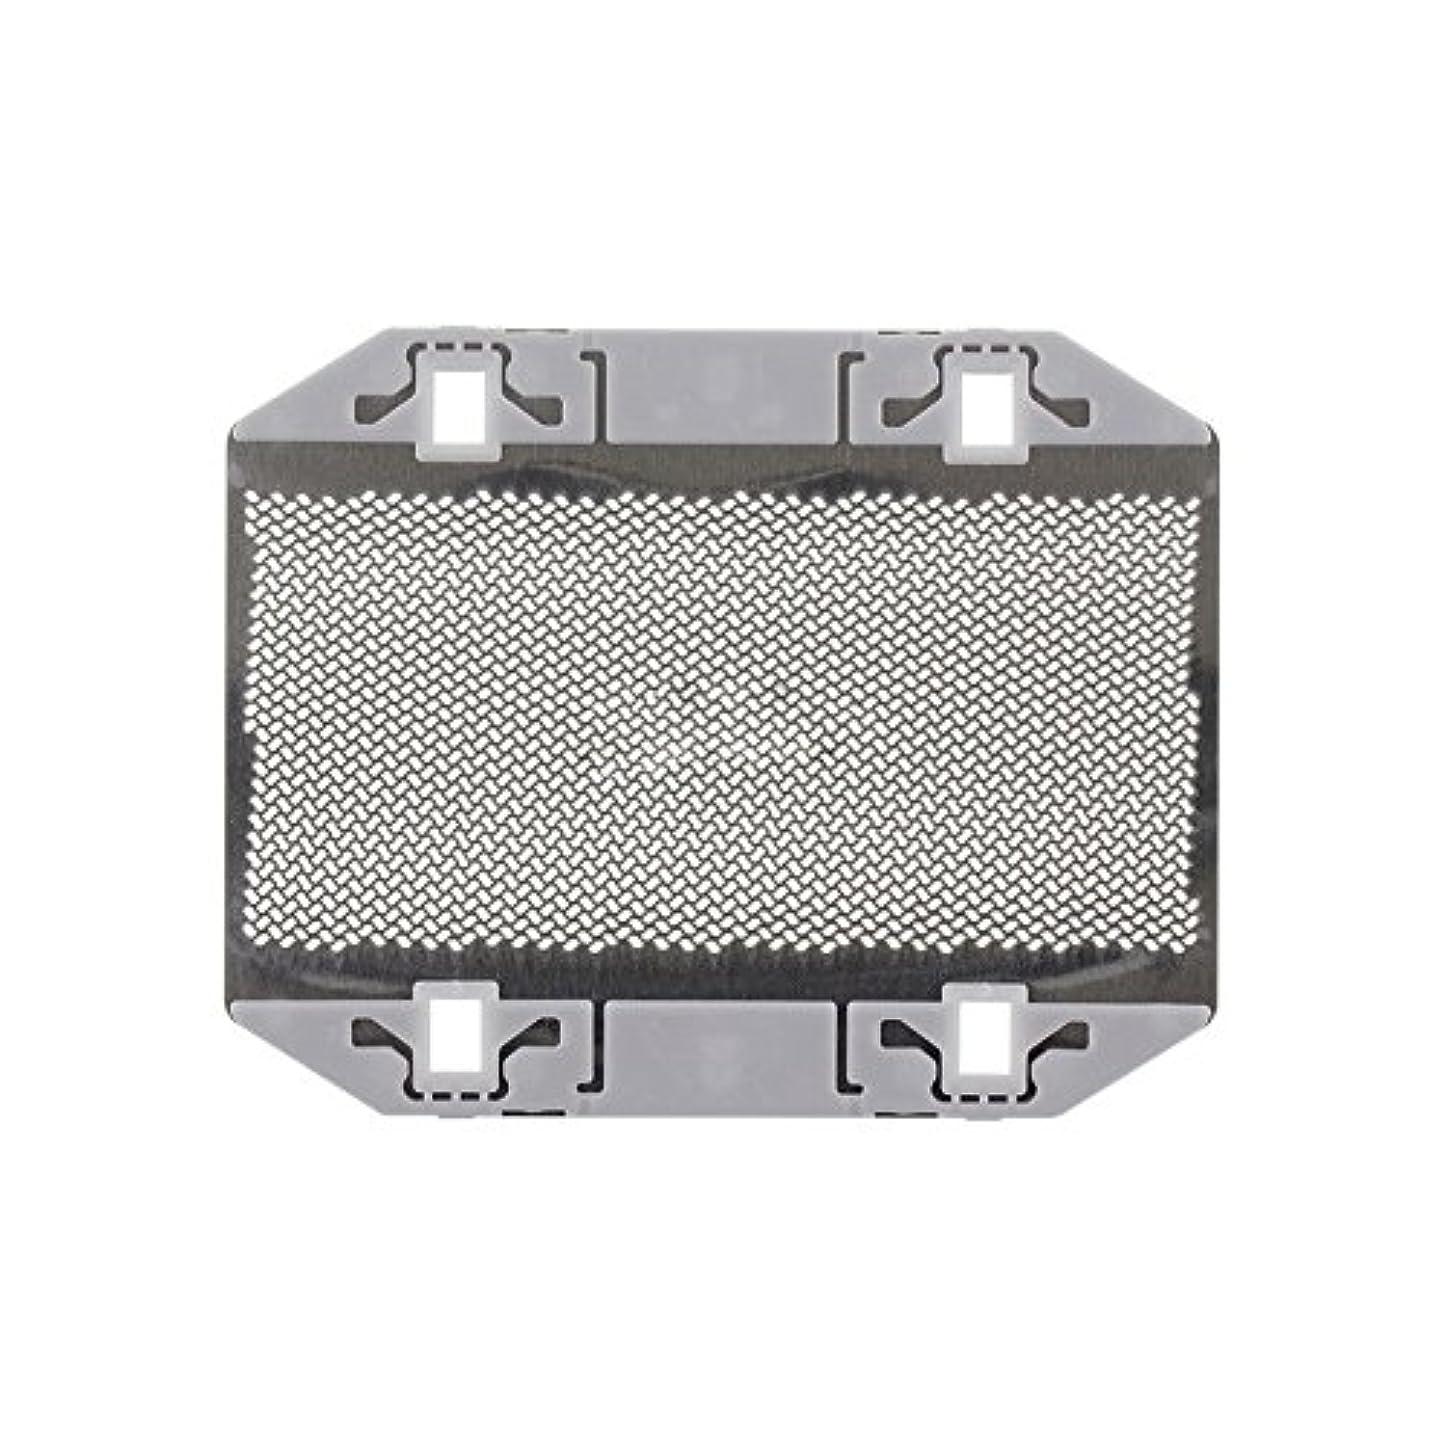 免疫するアルミニウム息子Hzjundasi シェーバーパーツ 部品 外刃 ロータリー式シェーバー替刃 耐用 高質量 for Panasonic ES9943 ES3042 ES3801 ES3750 ES365 ES366